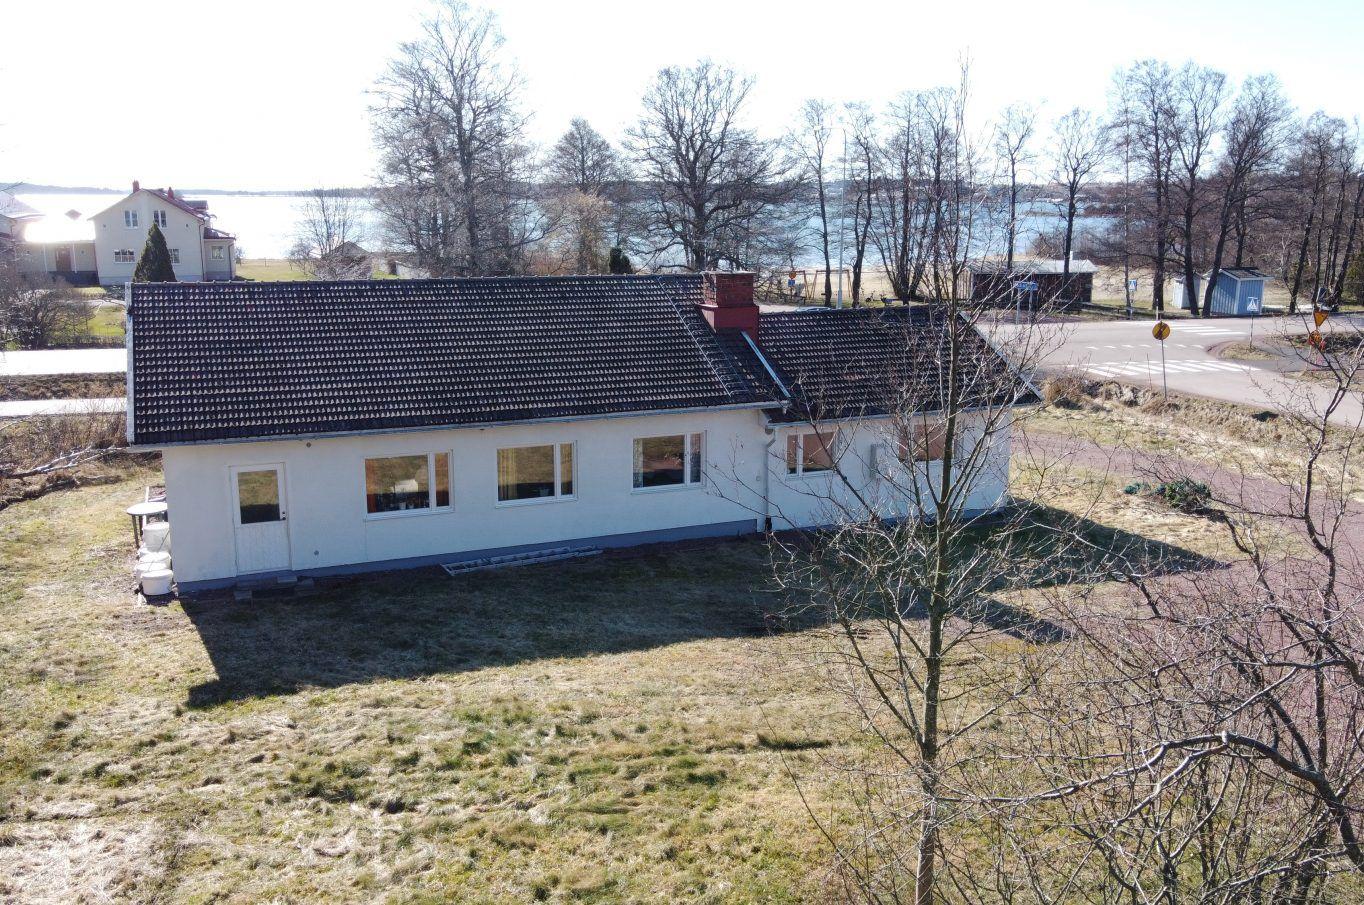 Bostadshus med sjöutsikt vid Örtvägen/Lemlandsvägen 94 i Jomala.